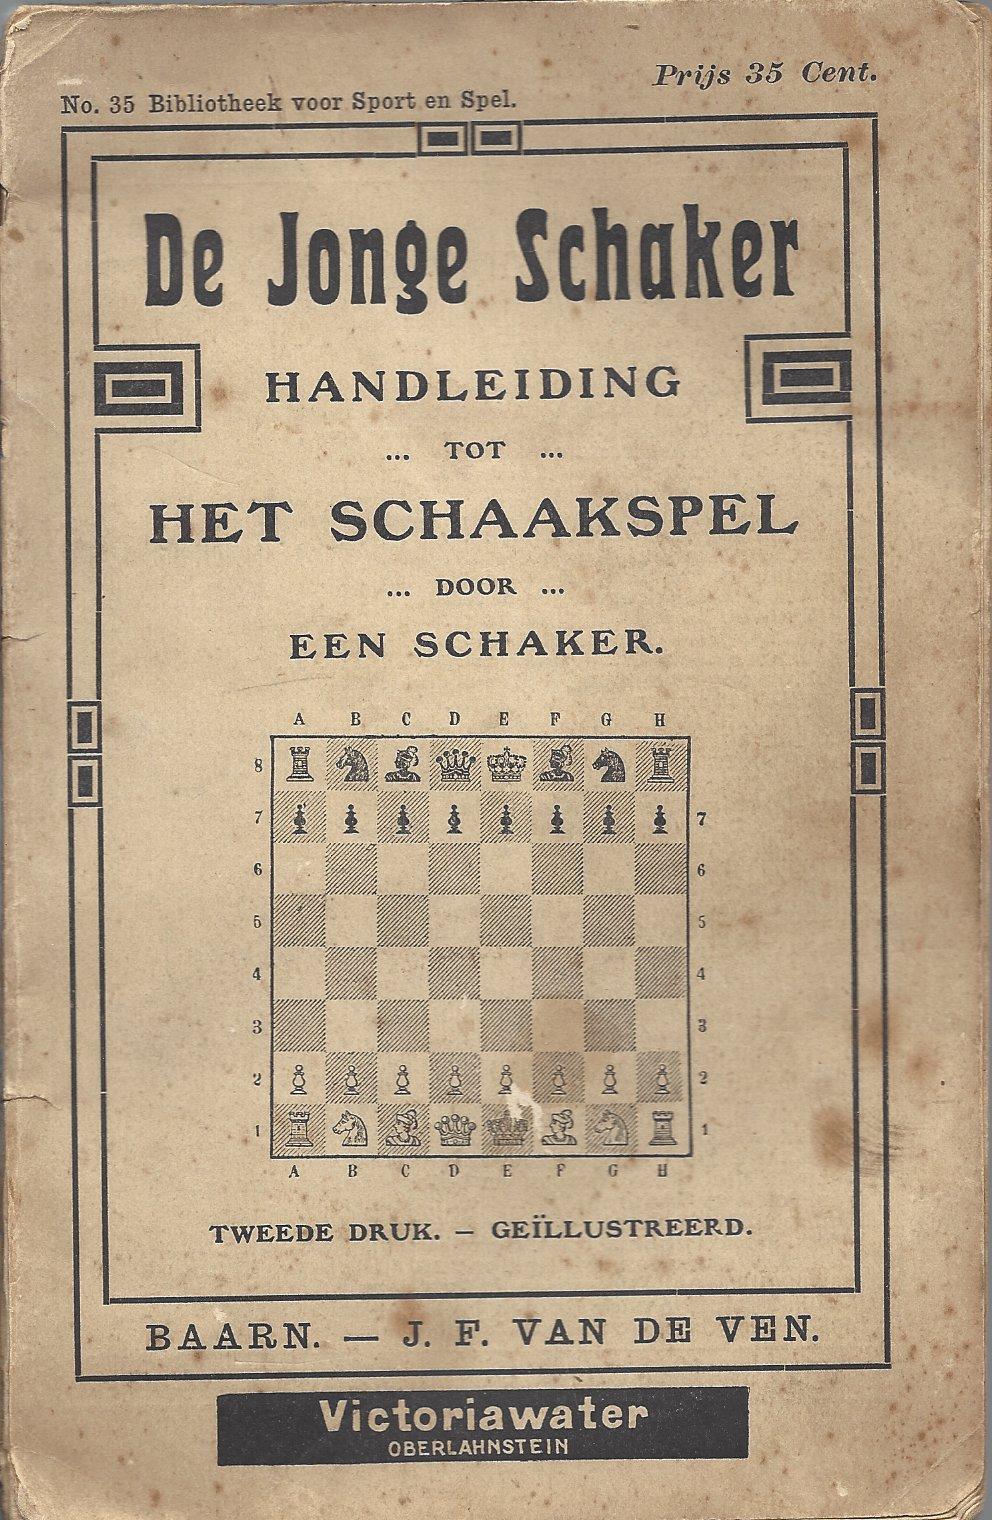 EEN SCHAKER - De jonge schaker